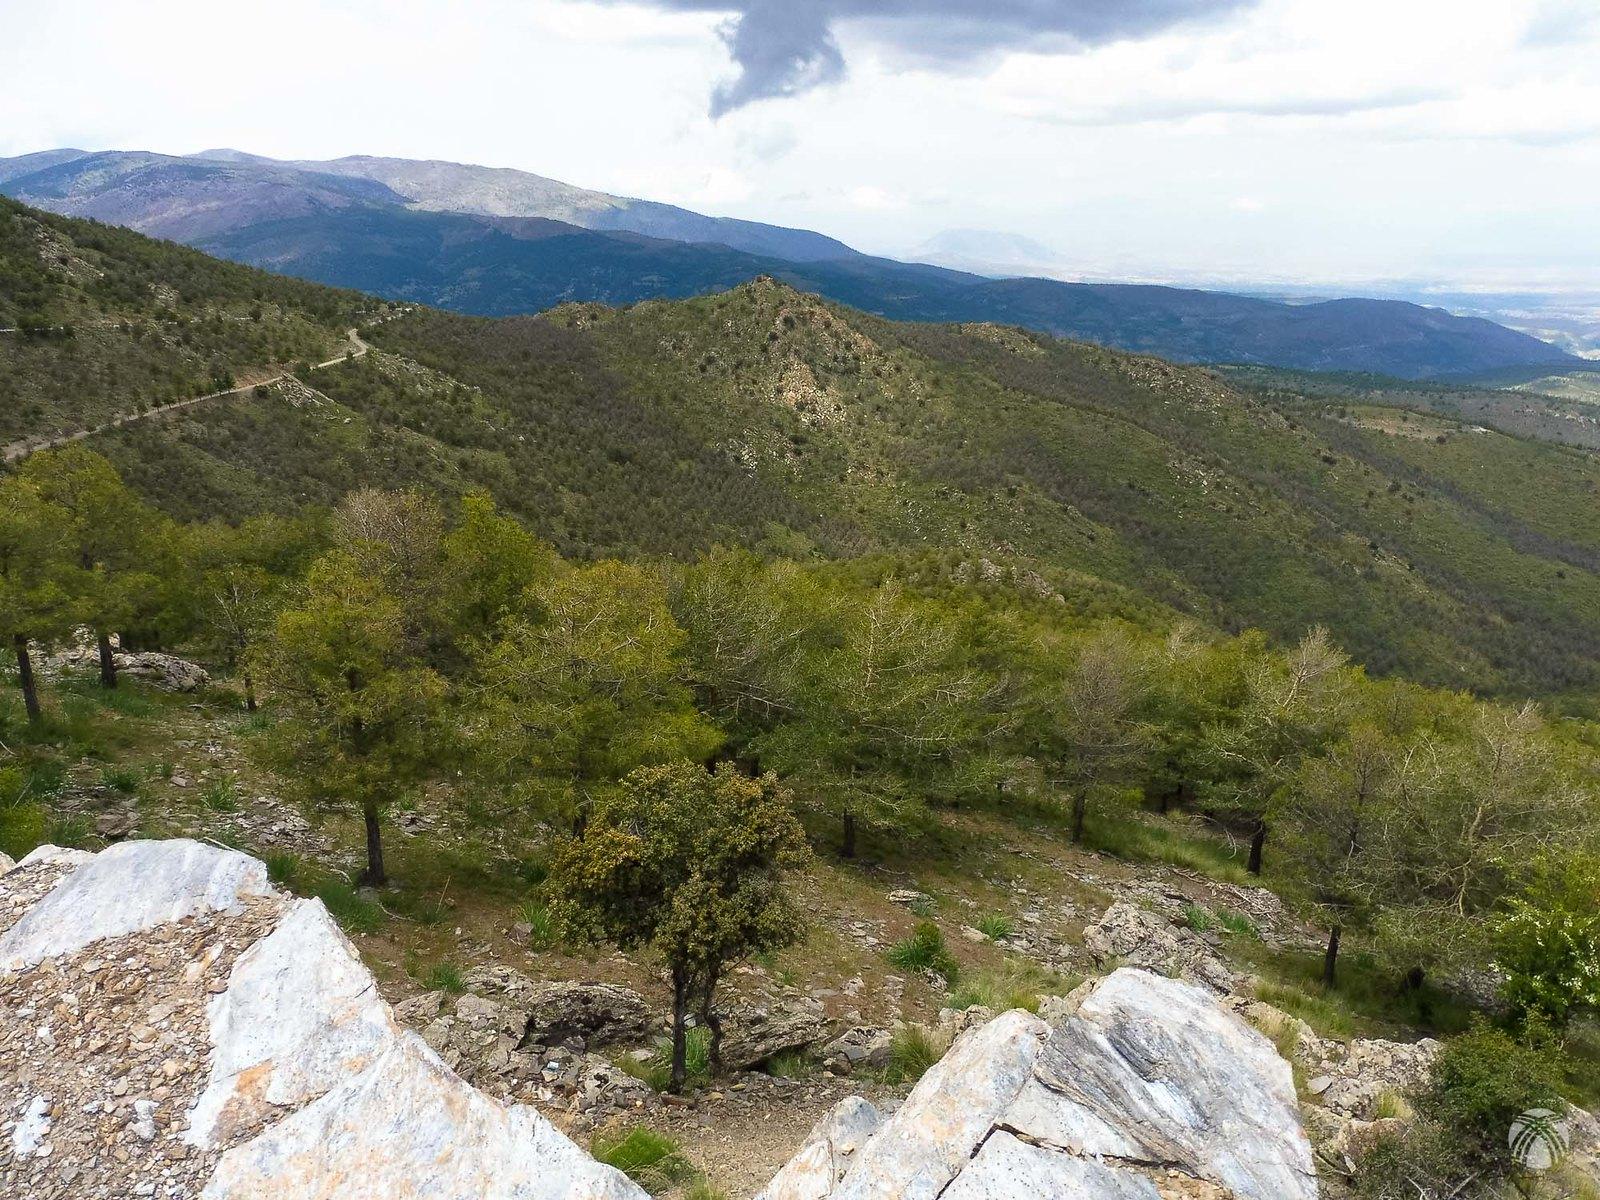 Remontando por la vieja carretera hacia el Pico Padilla